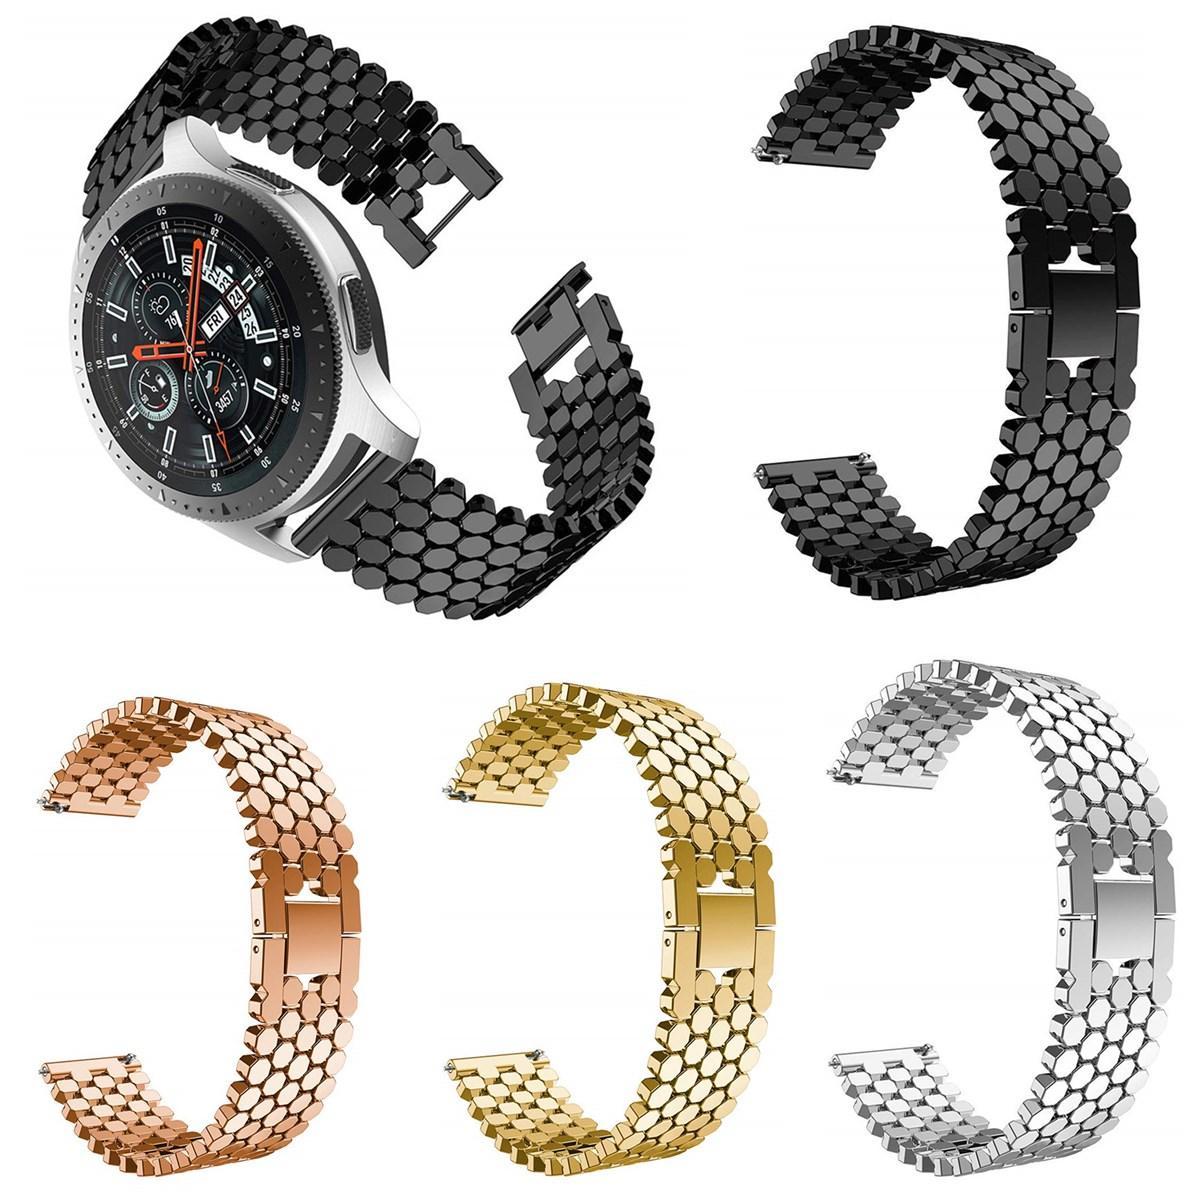 """48 מ""""מ סגסוגת פלדה נירוסטה רצועת רצועת רצועה עבור Samsung גלקסי Watch Watch חכם"""